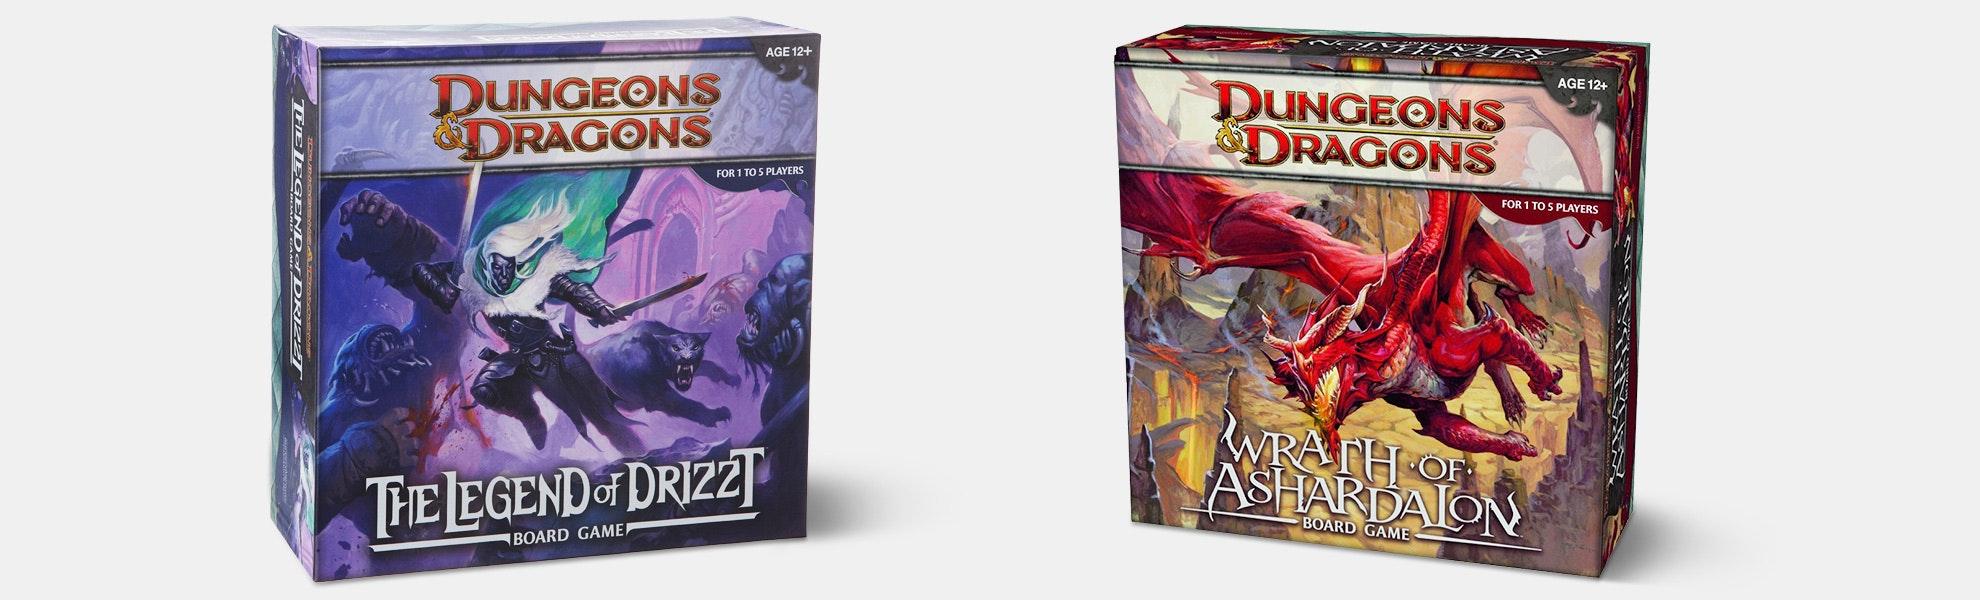 D&D: Wrath of Ashardalon & Legend of Drizzt Bundle